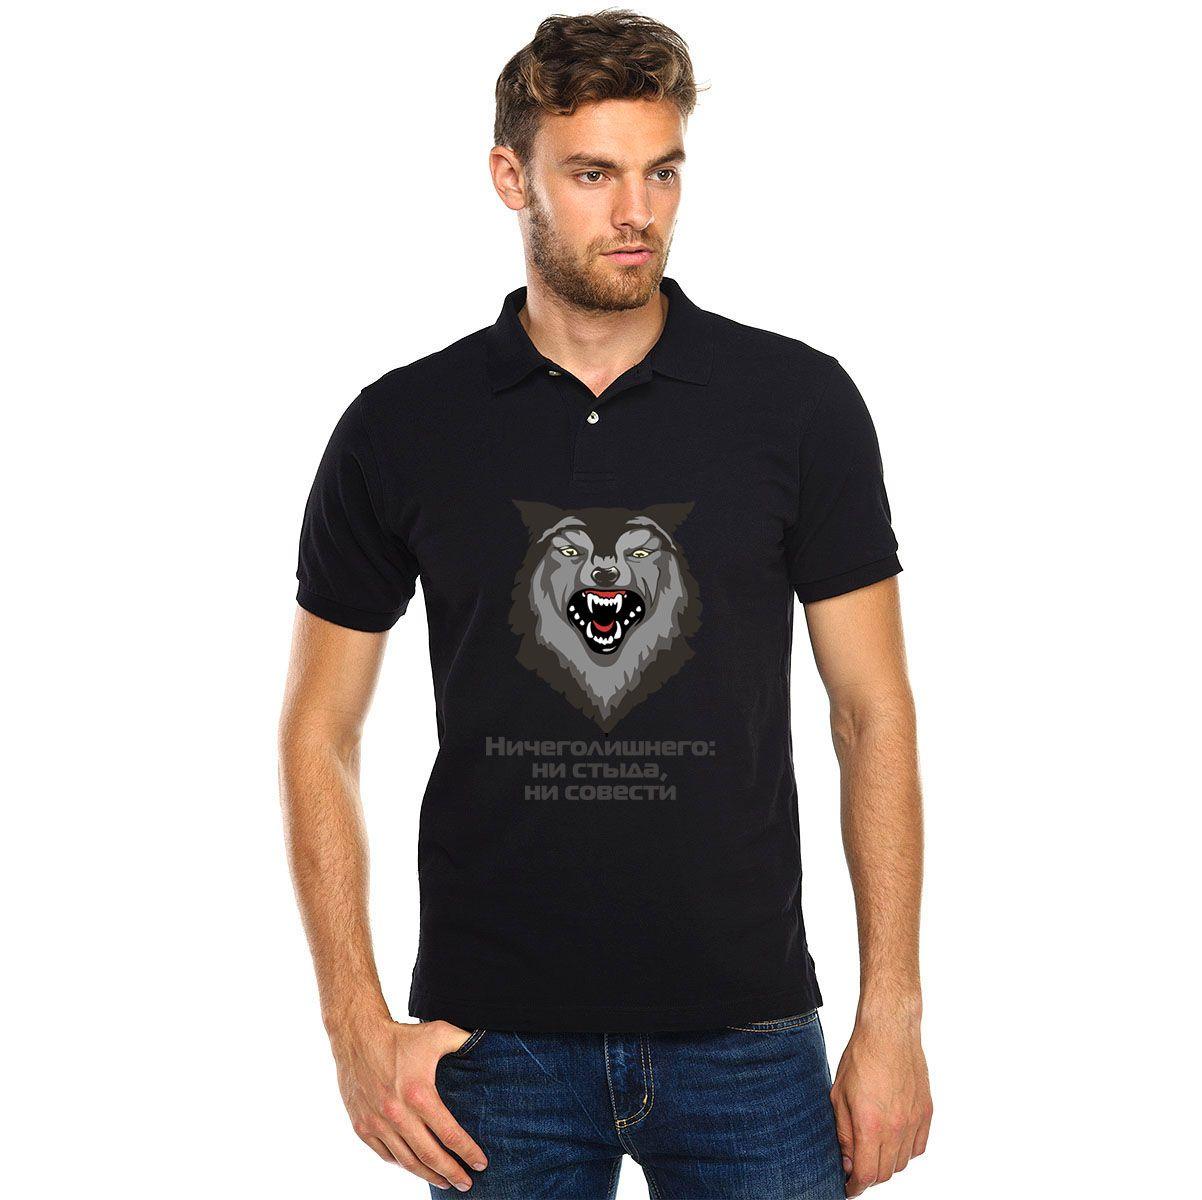 Принт к фразе на мужскую футболку - дизайнер zhutol